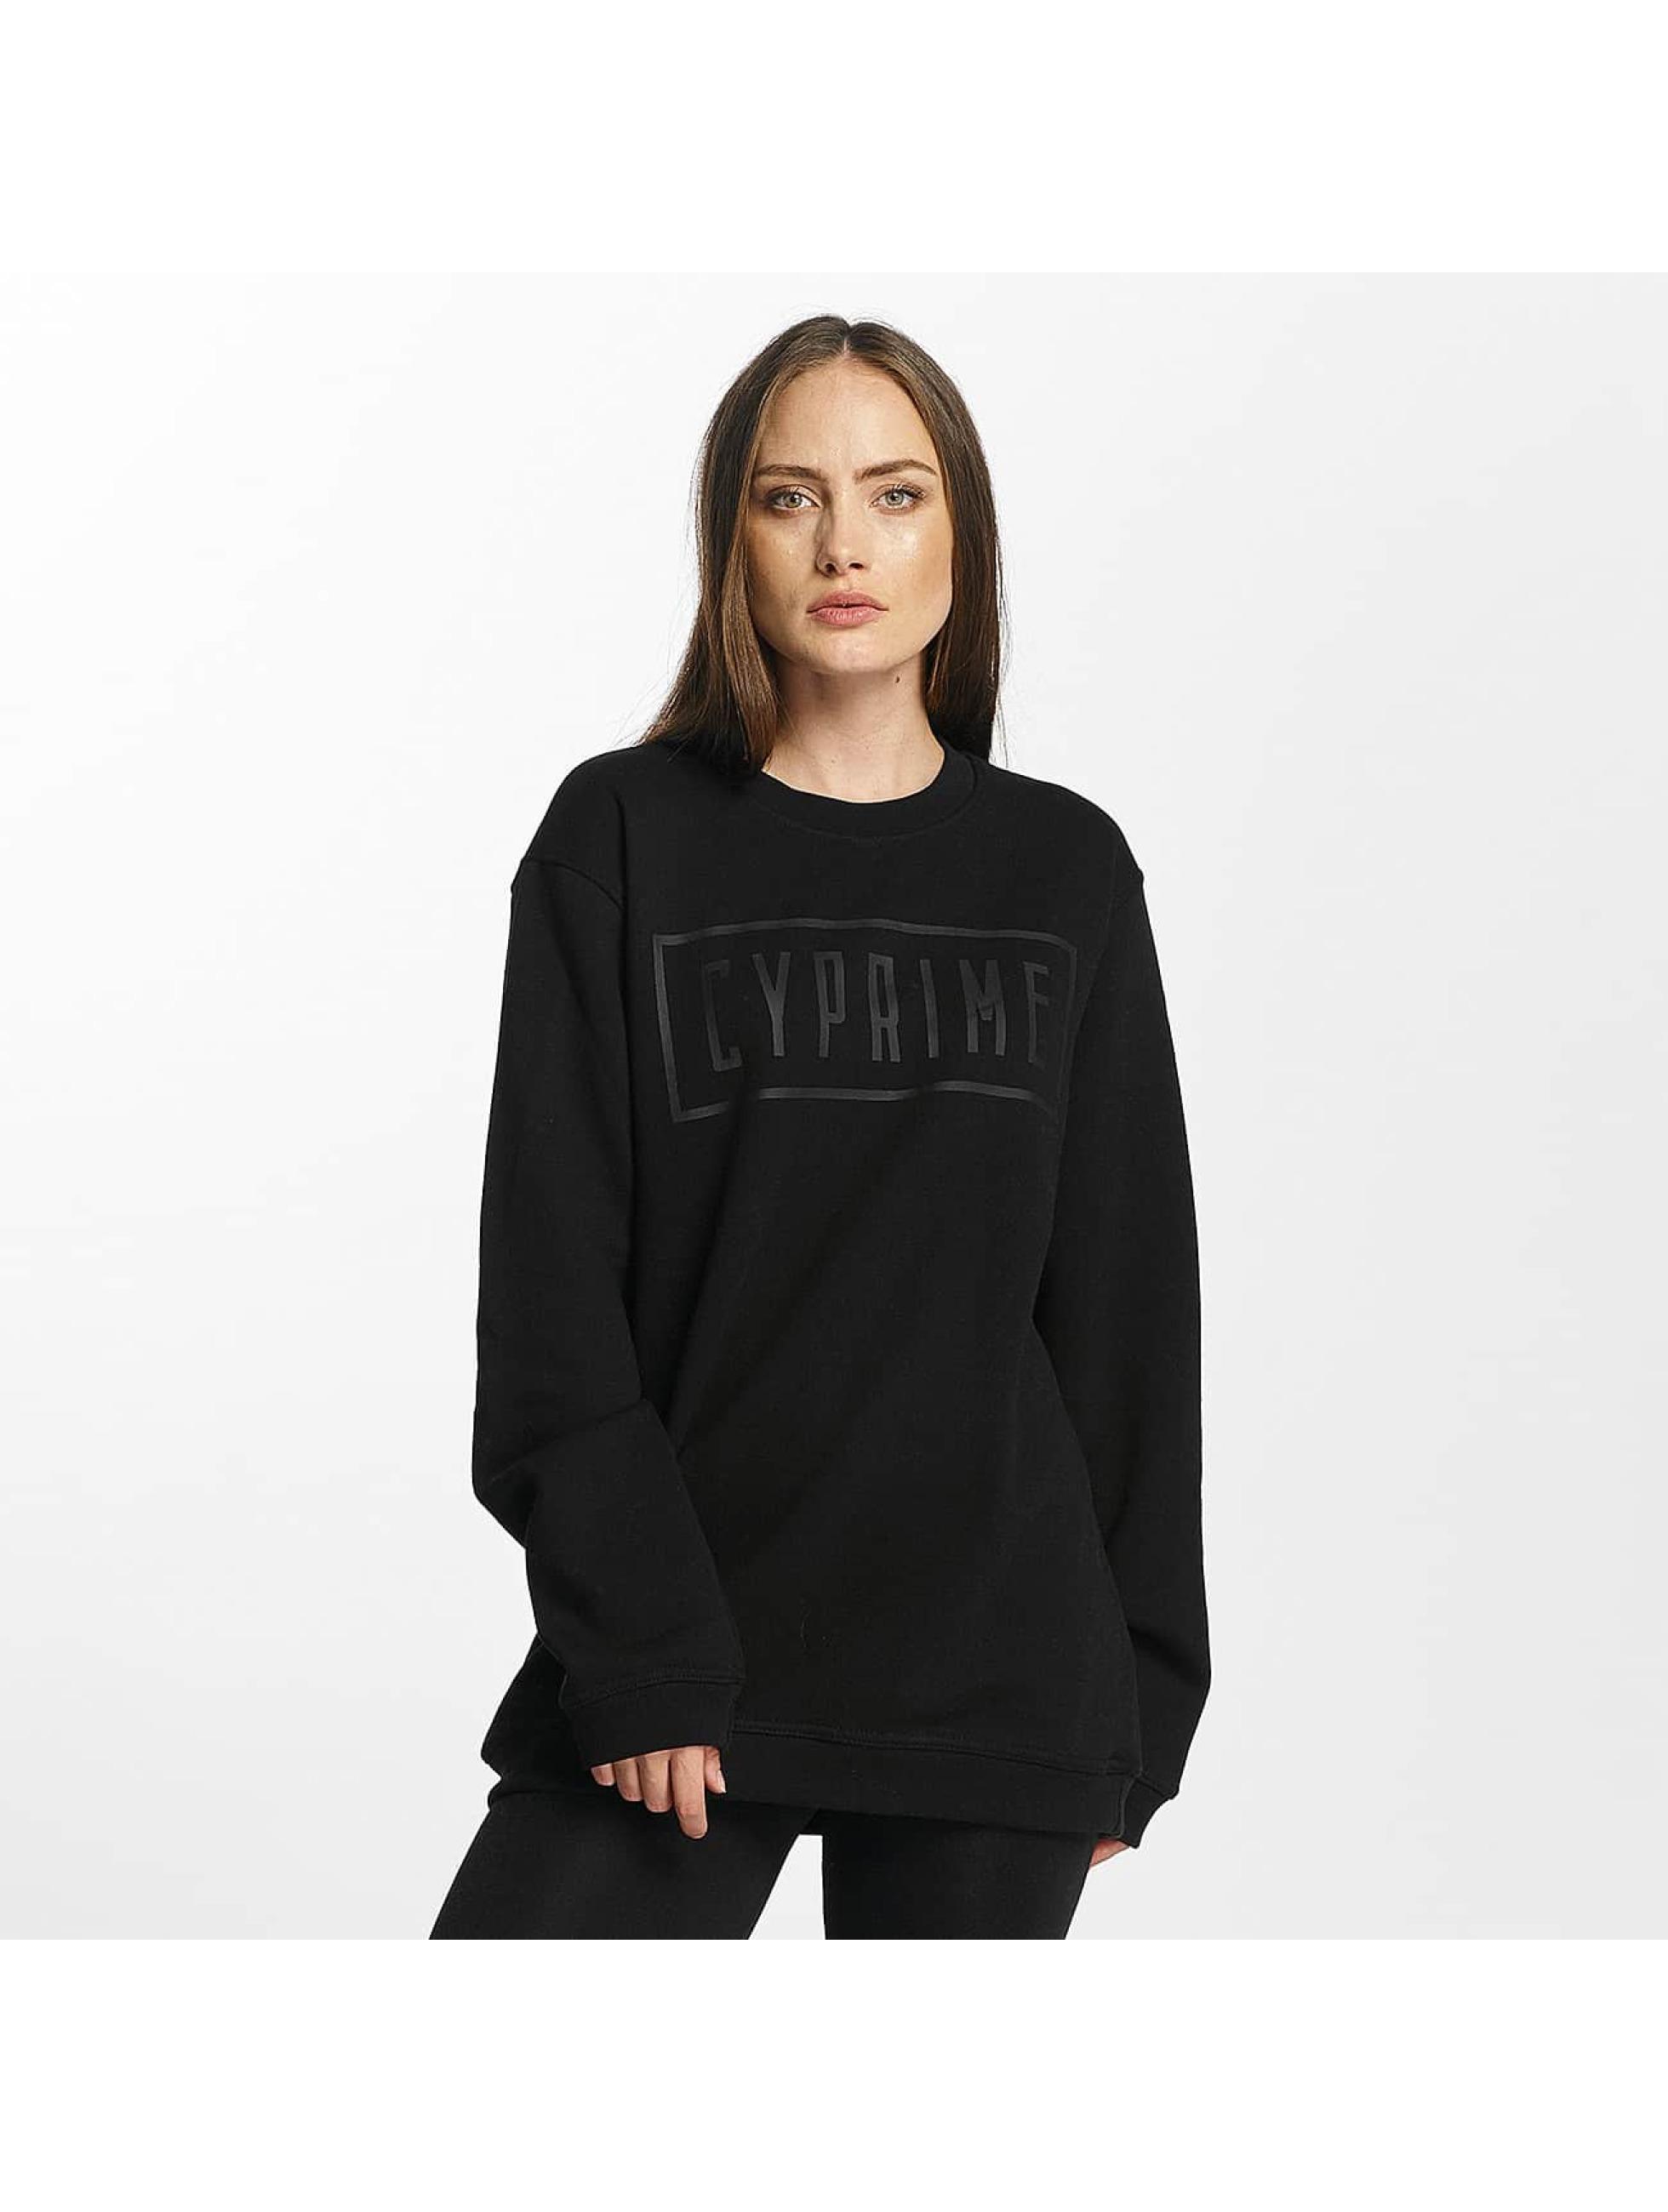 Cyprime Frauen Pullover Zirconium Oversized in schwarz